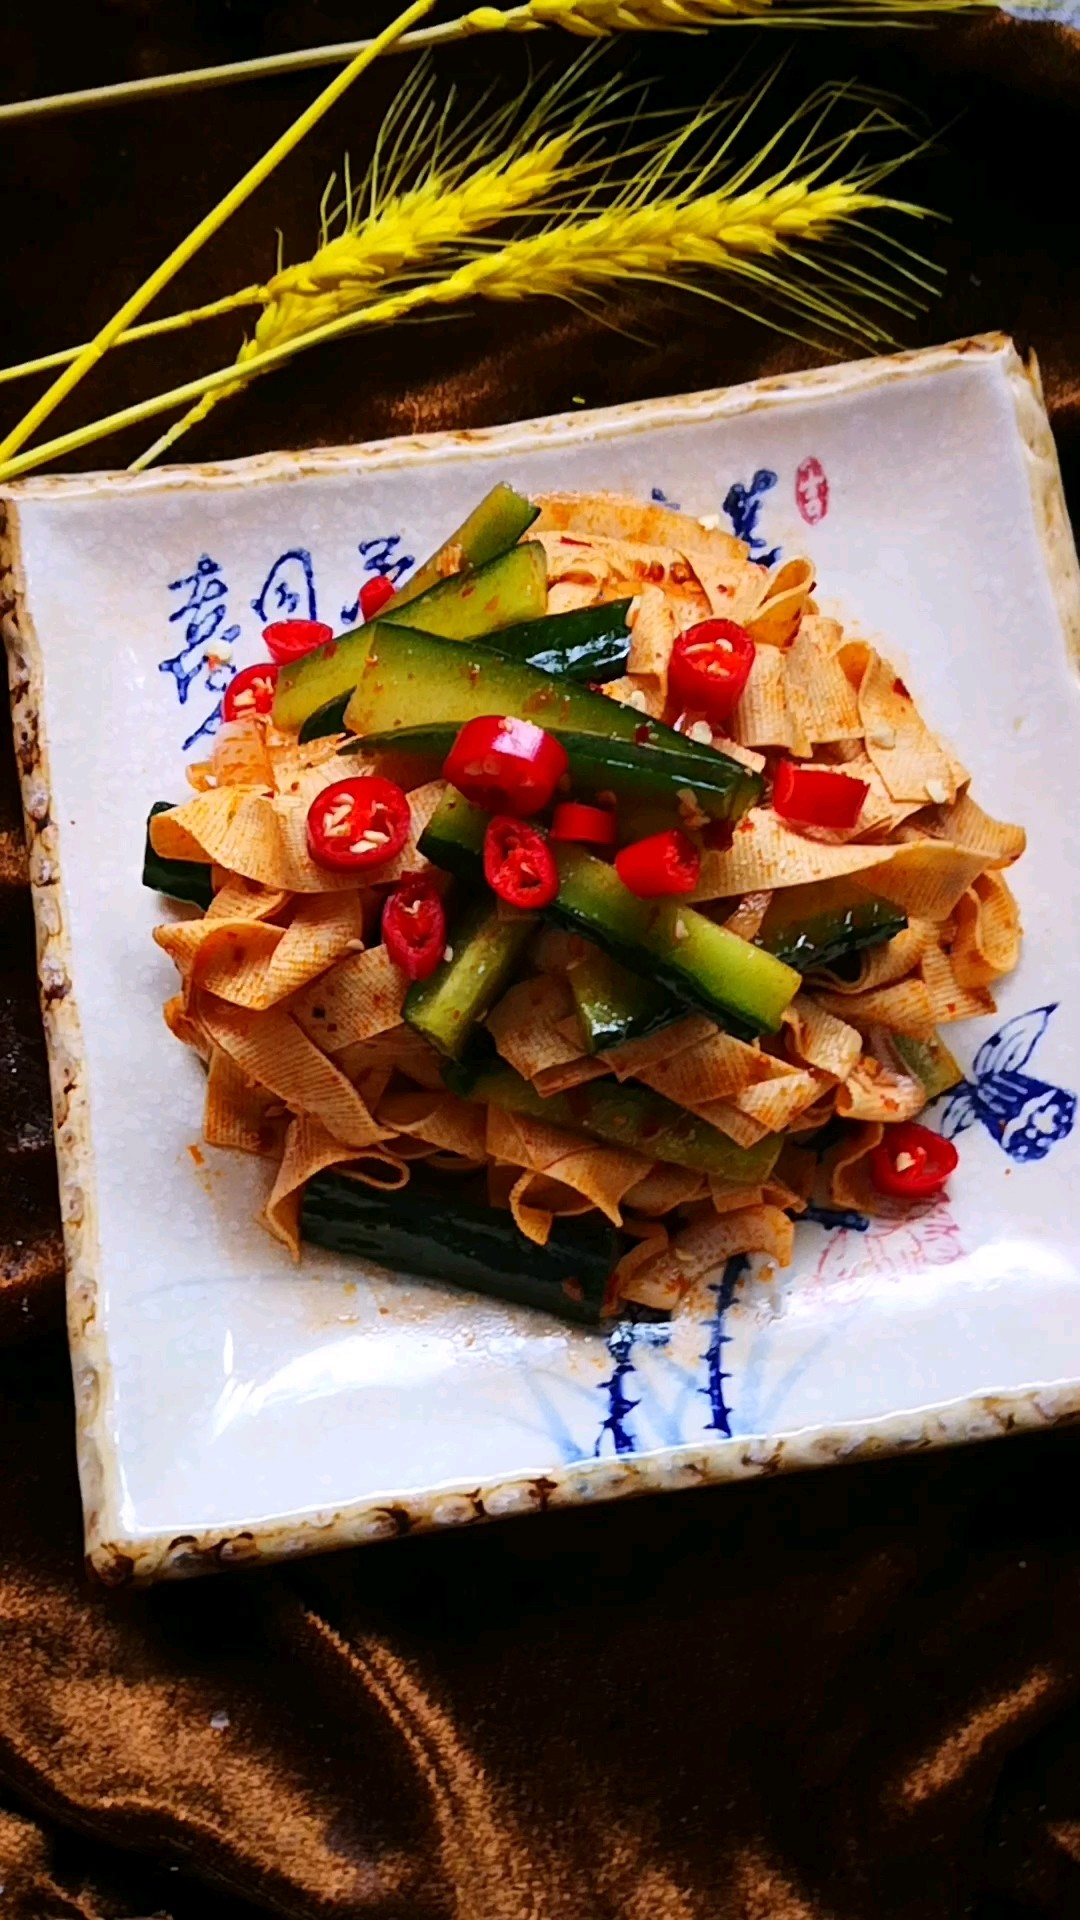 圓蔥干豆腐黃瓜條